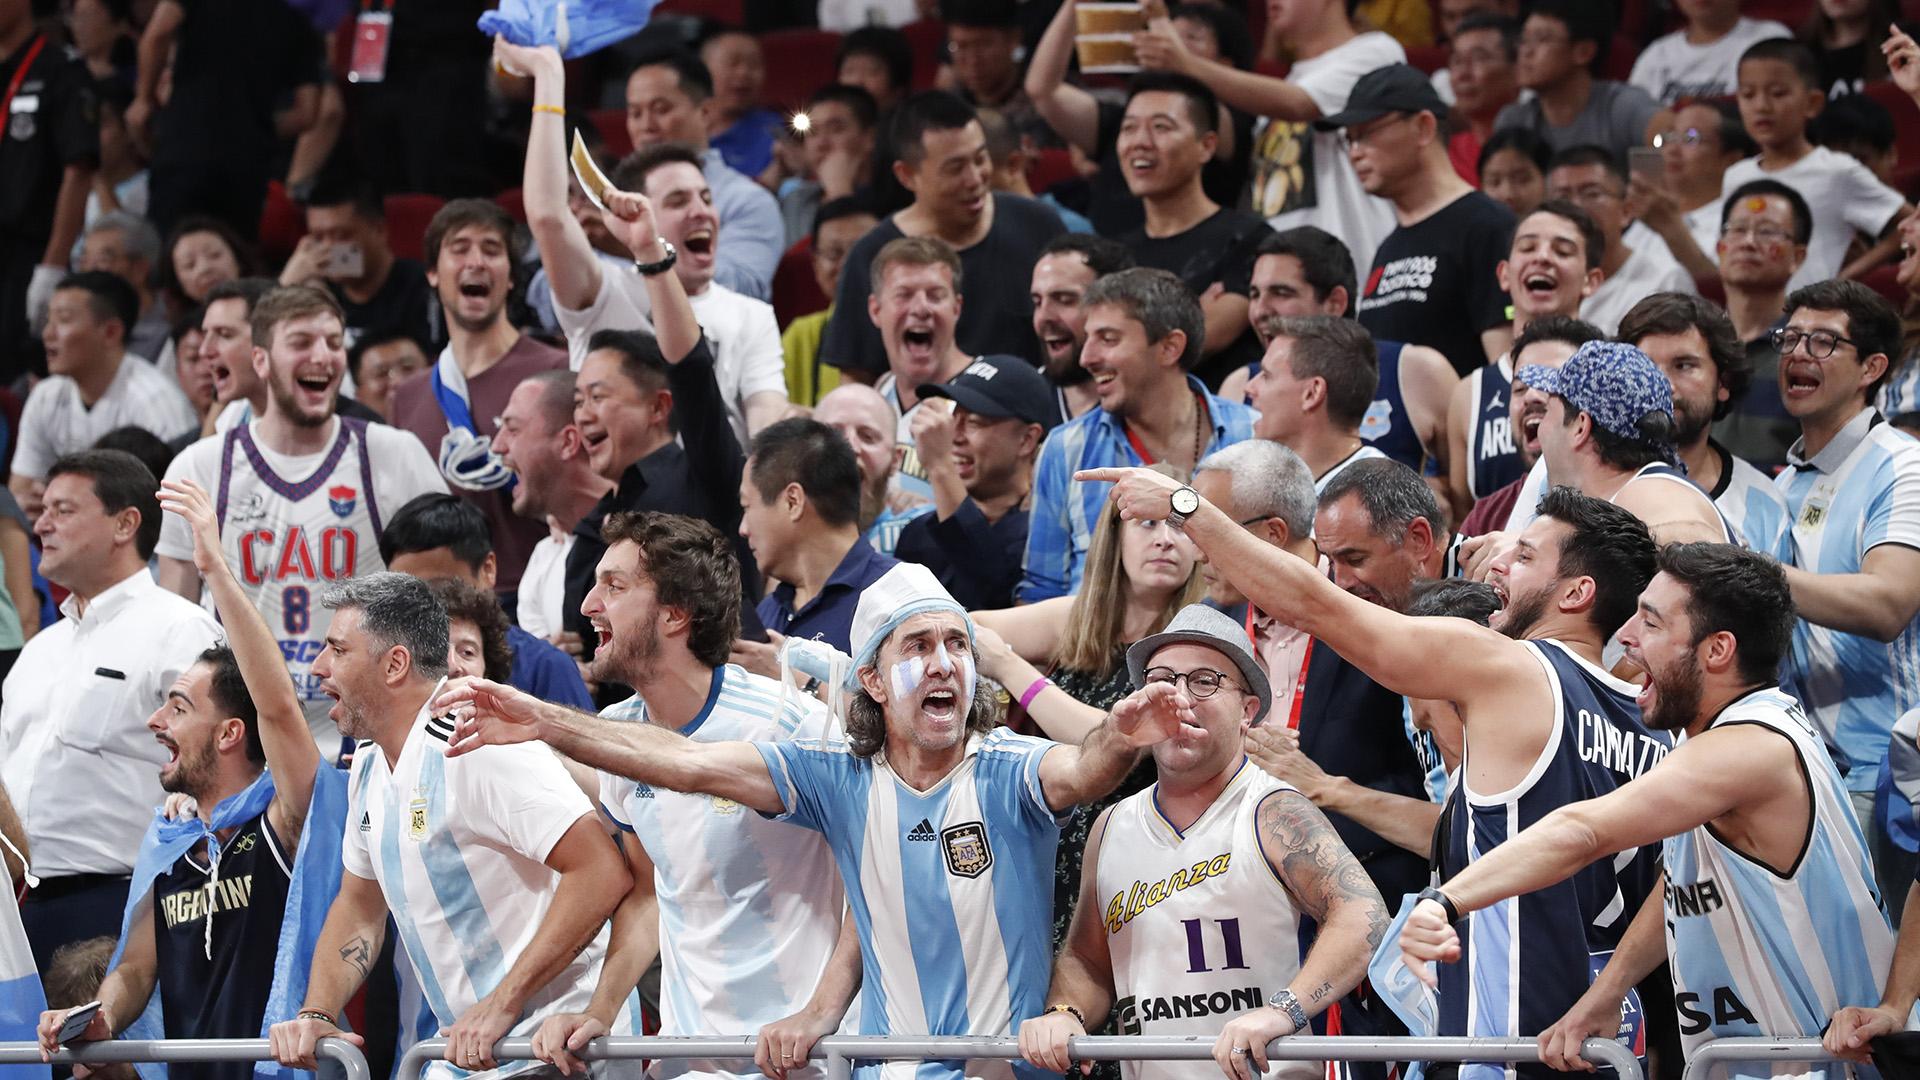 Antes del partido, la hinchada argentina alentaba confiada. (Reuters)